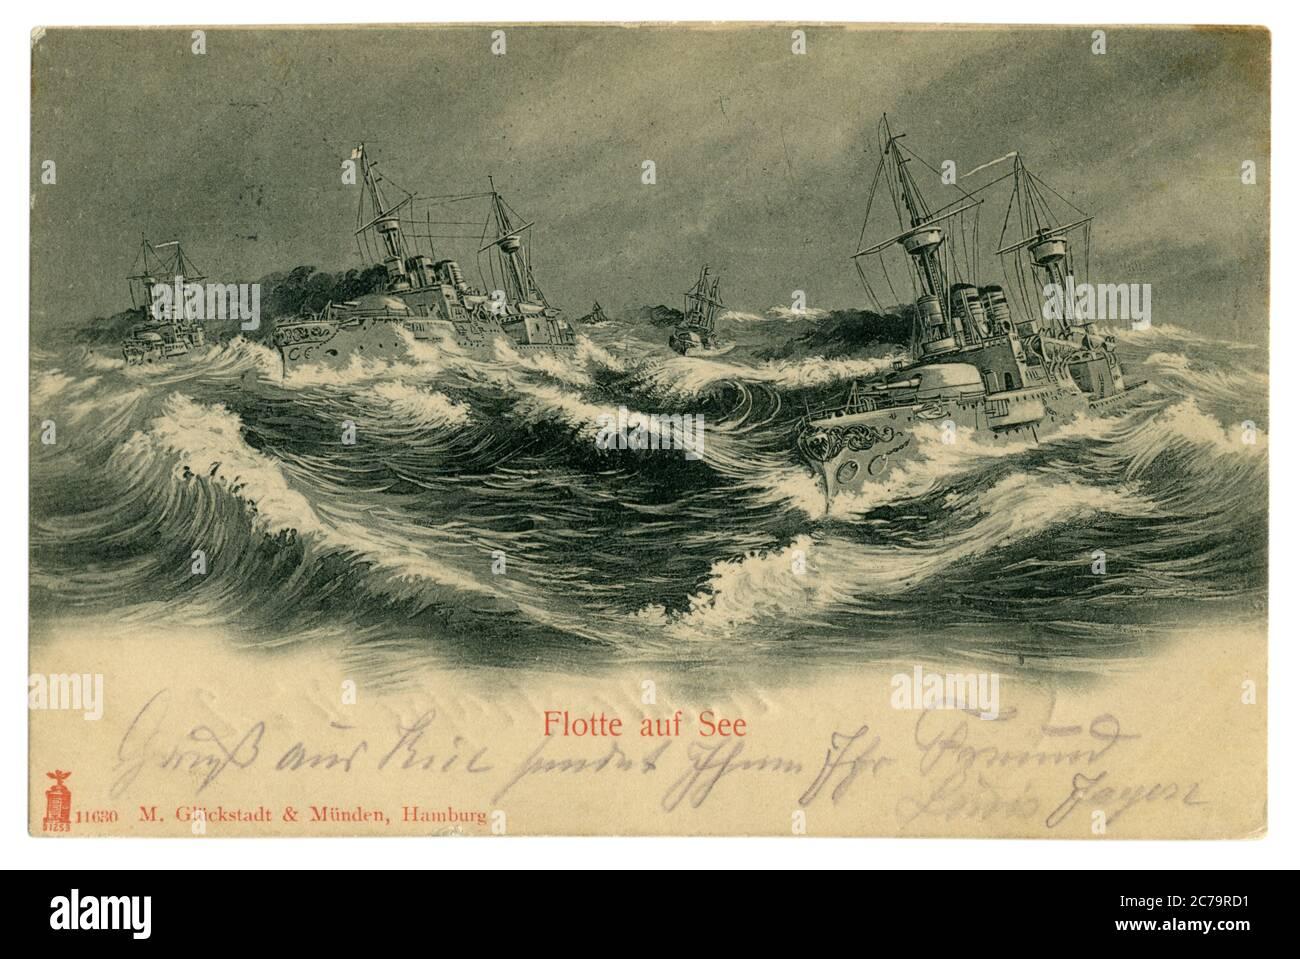 Carte postale historique allemande : navires de guerre de la Marine impériale allemande (kaisermarine) dans une mer agitée, signée au crayon violet, Allemagne, 1902 Banque D'Images